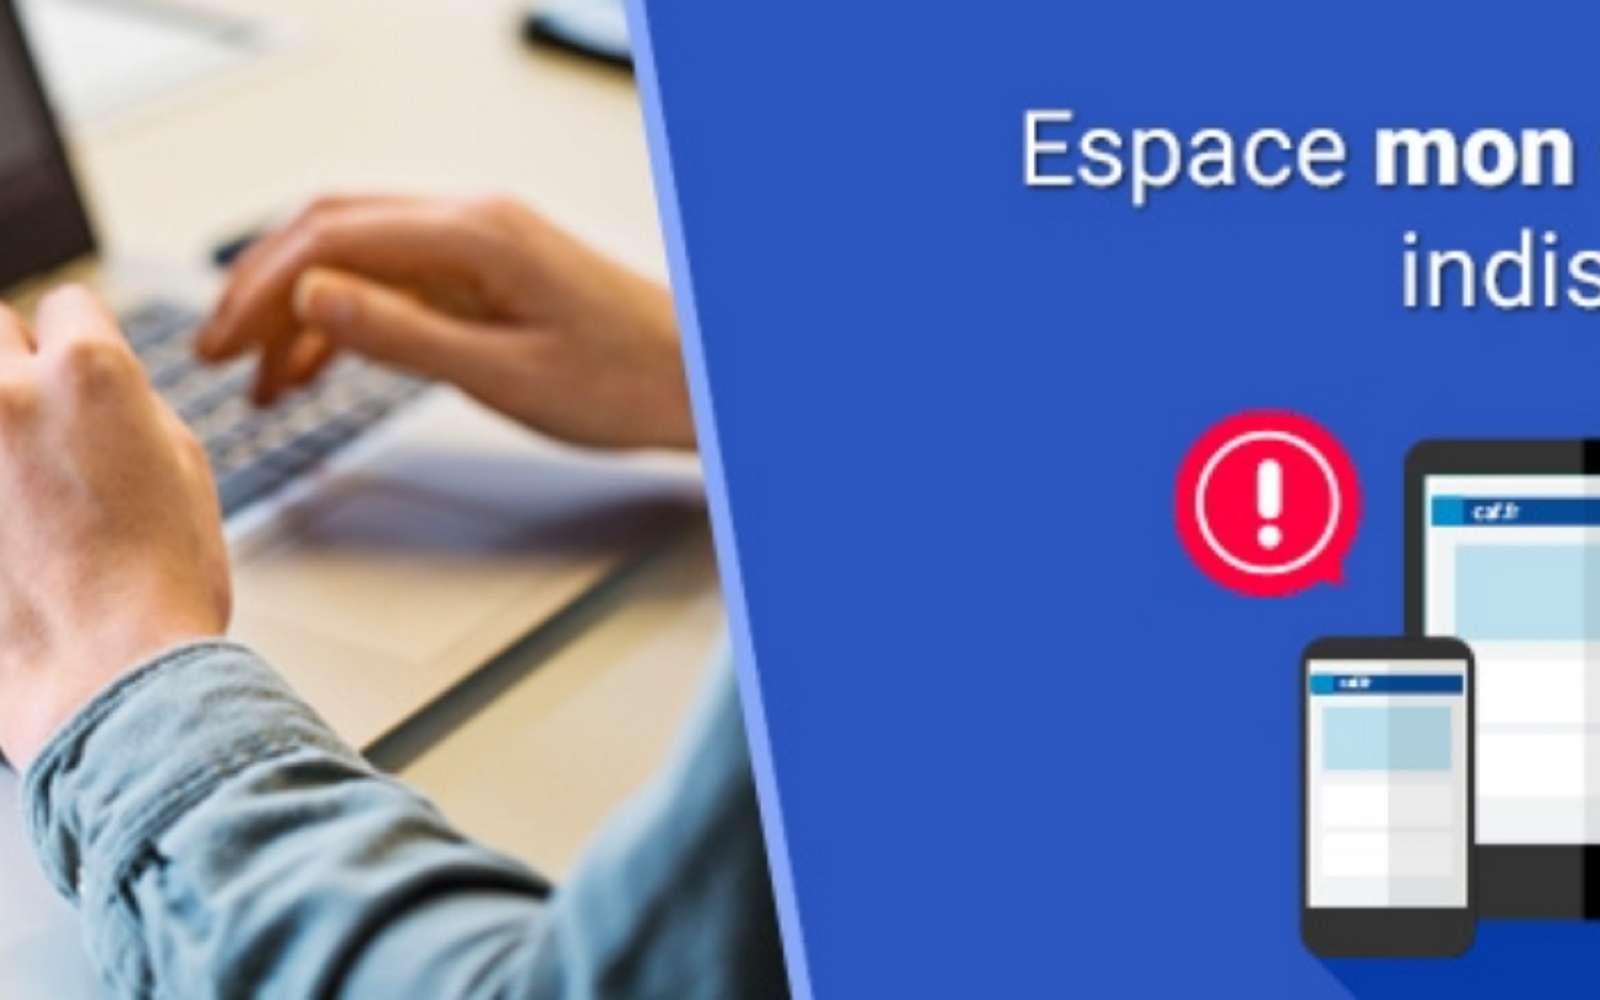 Les données personnelles d'environ 7.000 allocataires étaient accessibles par d'autres usagers lorsqu'il se connectaient au service. © Futura